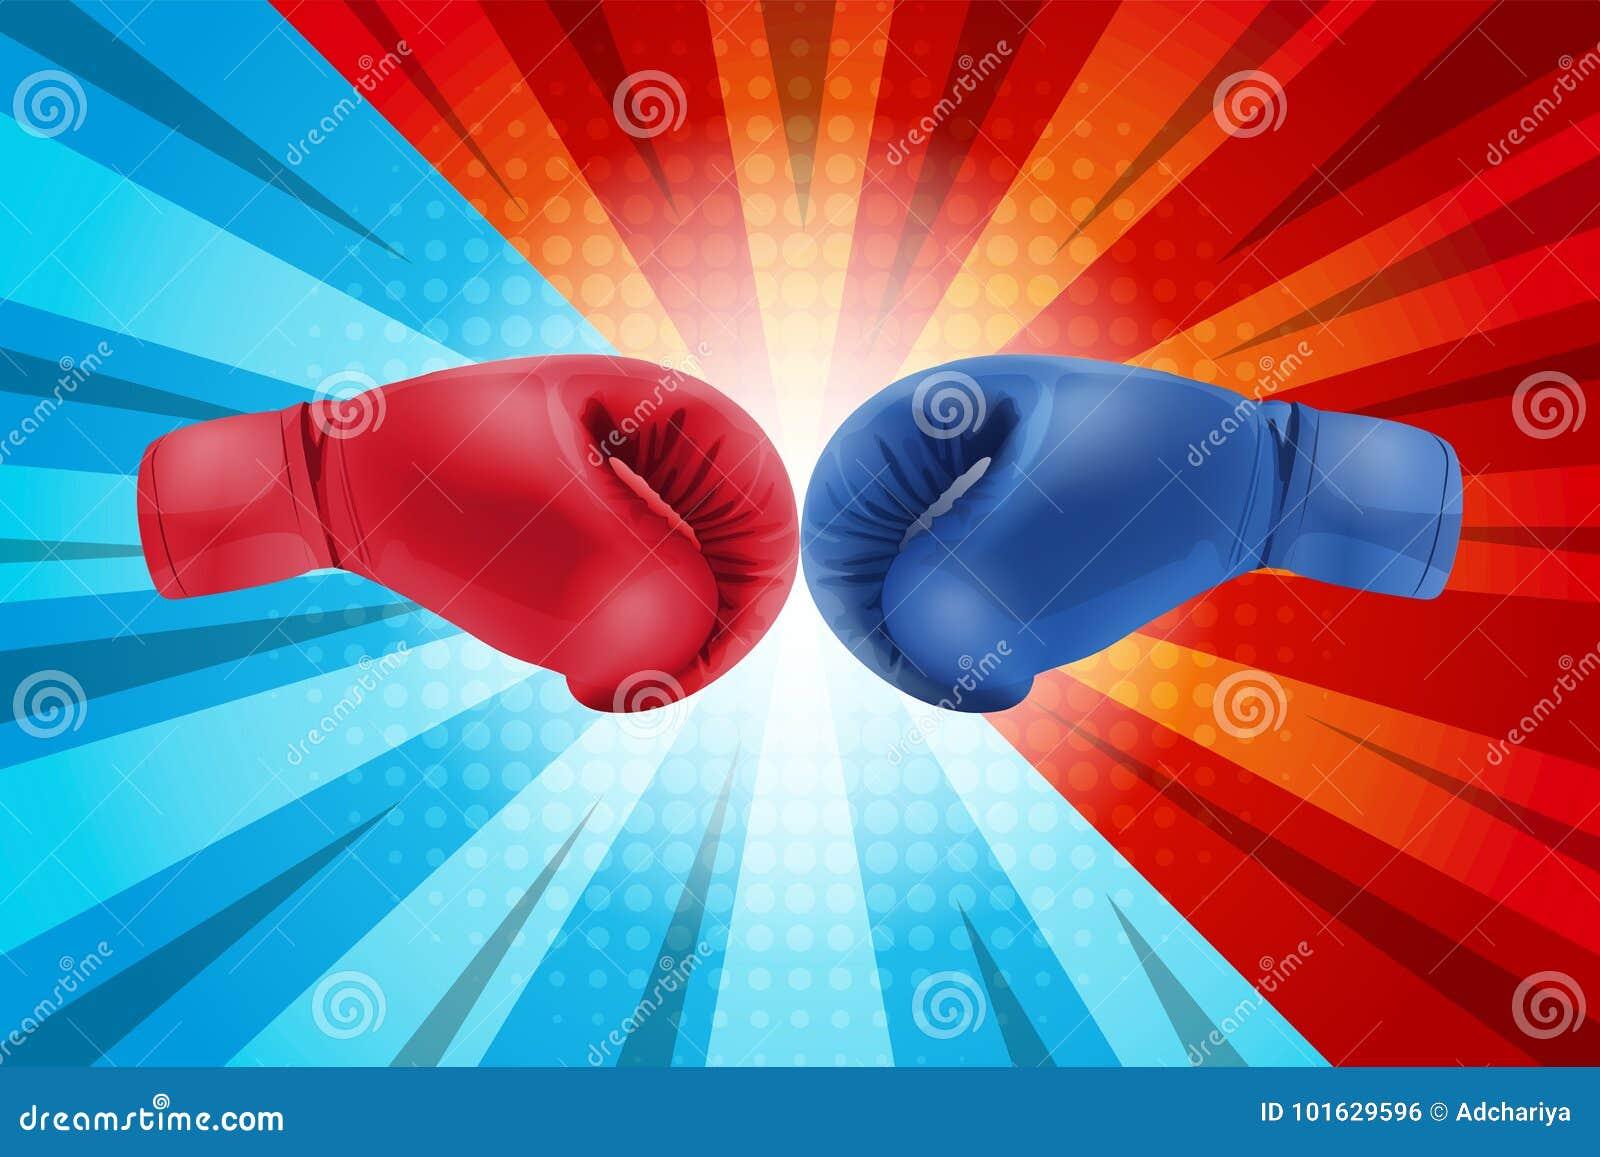 Het vechten voor grappige achtergrond Bokshandschoenenrood en Blauw die samen op grappige achtergrond raken